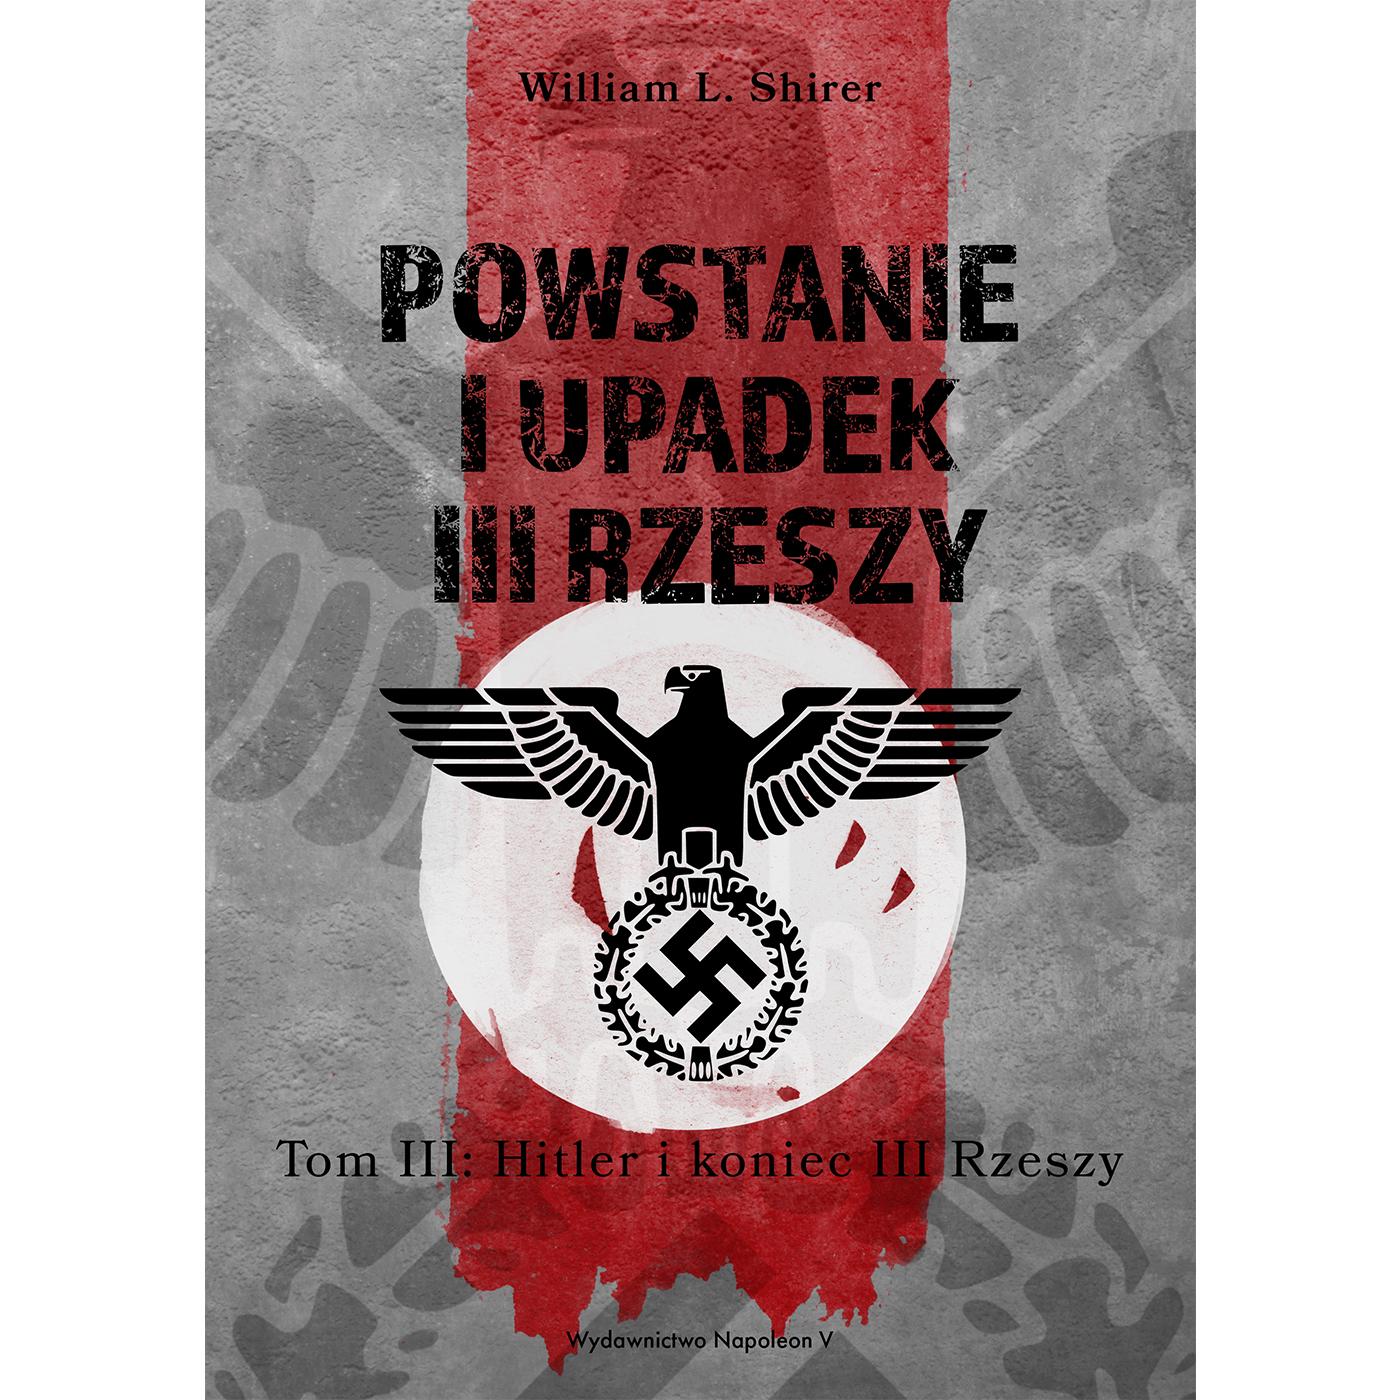 Powstanie i upadek III Rzeszy. Tom III Hitler i koniec III Rzeszy